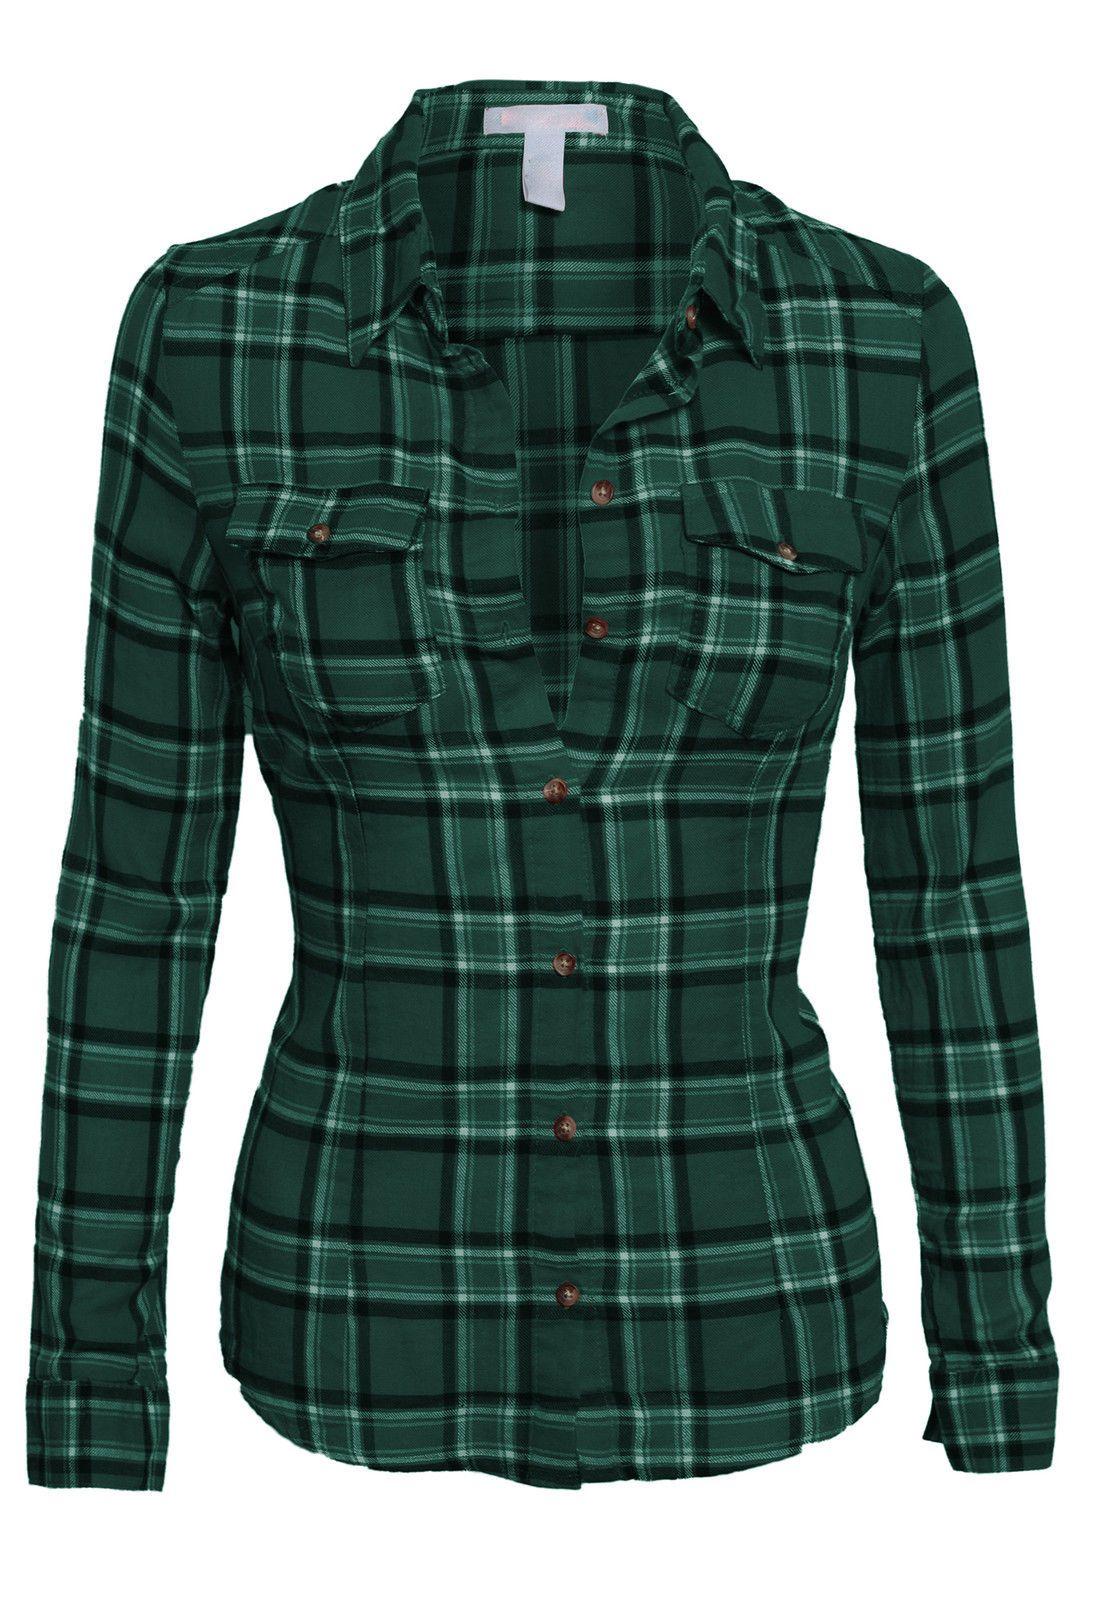 Flannel shirt women  WomenuS Classic Collar Button Down Long Sleeve Lightweight Plaid